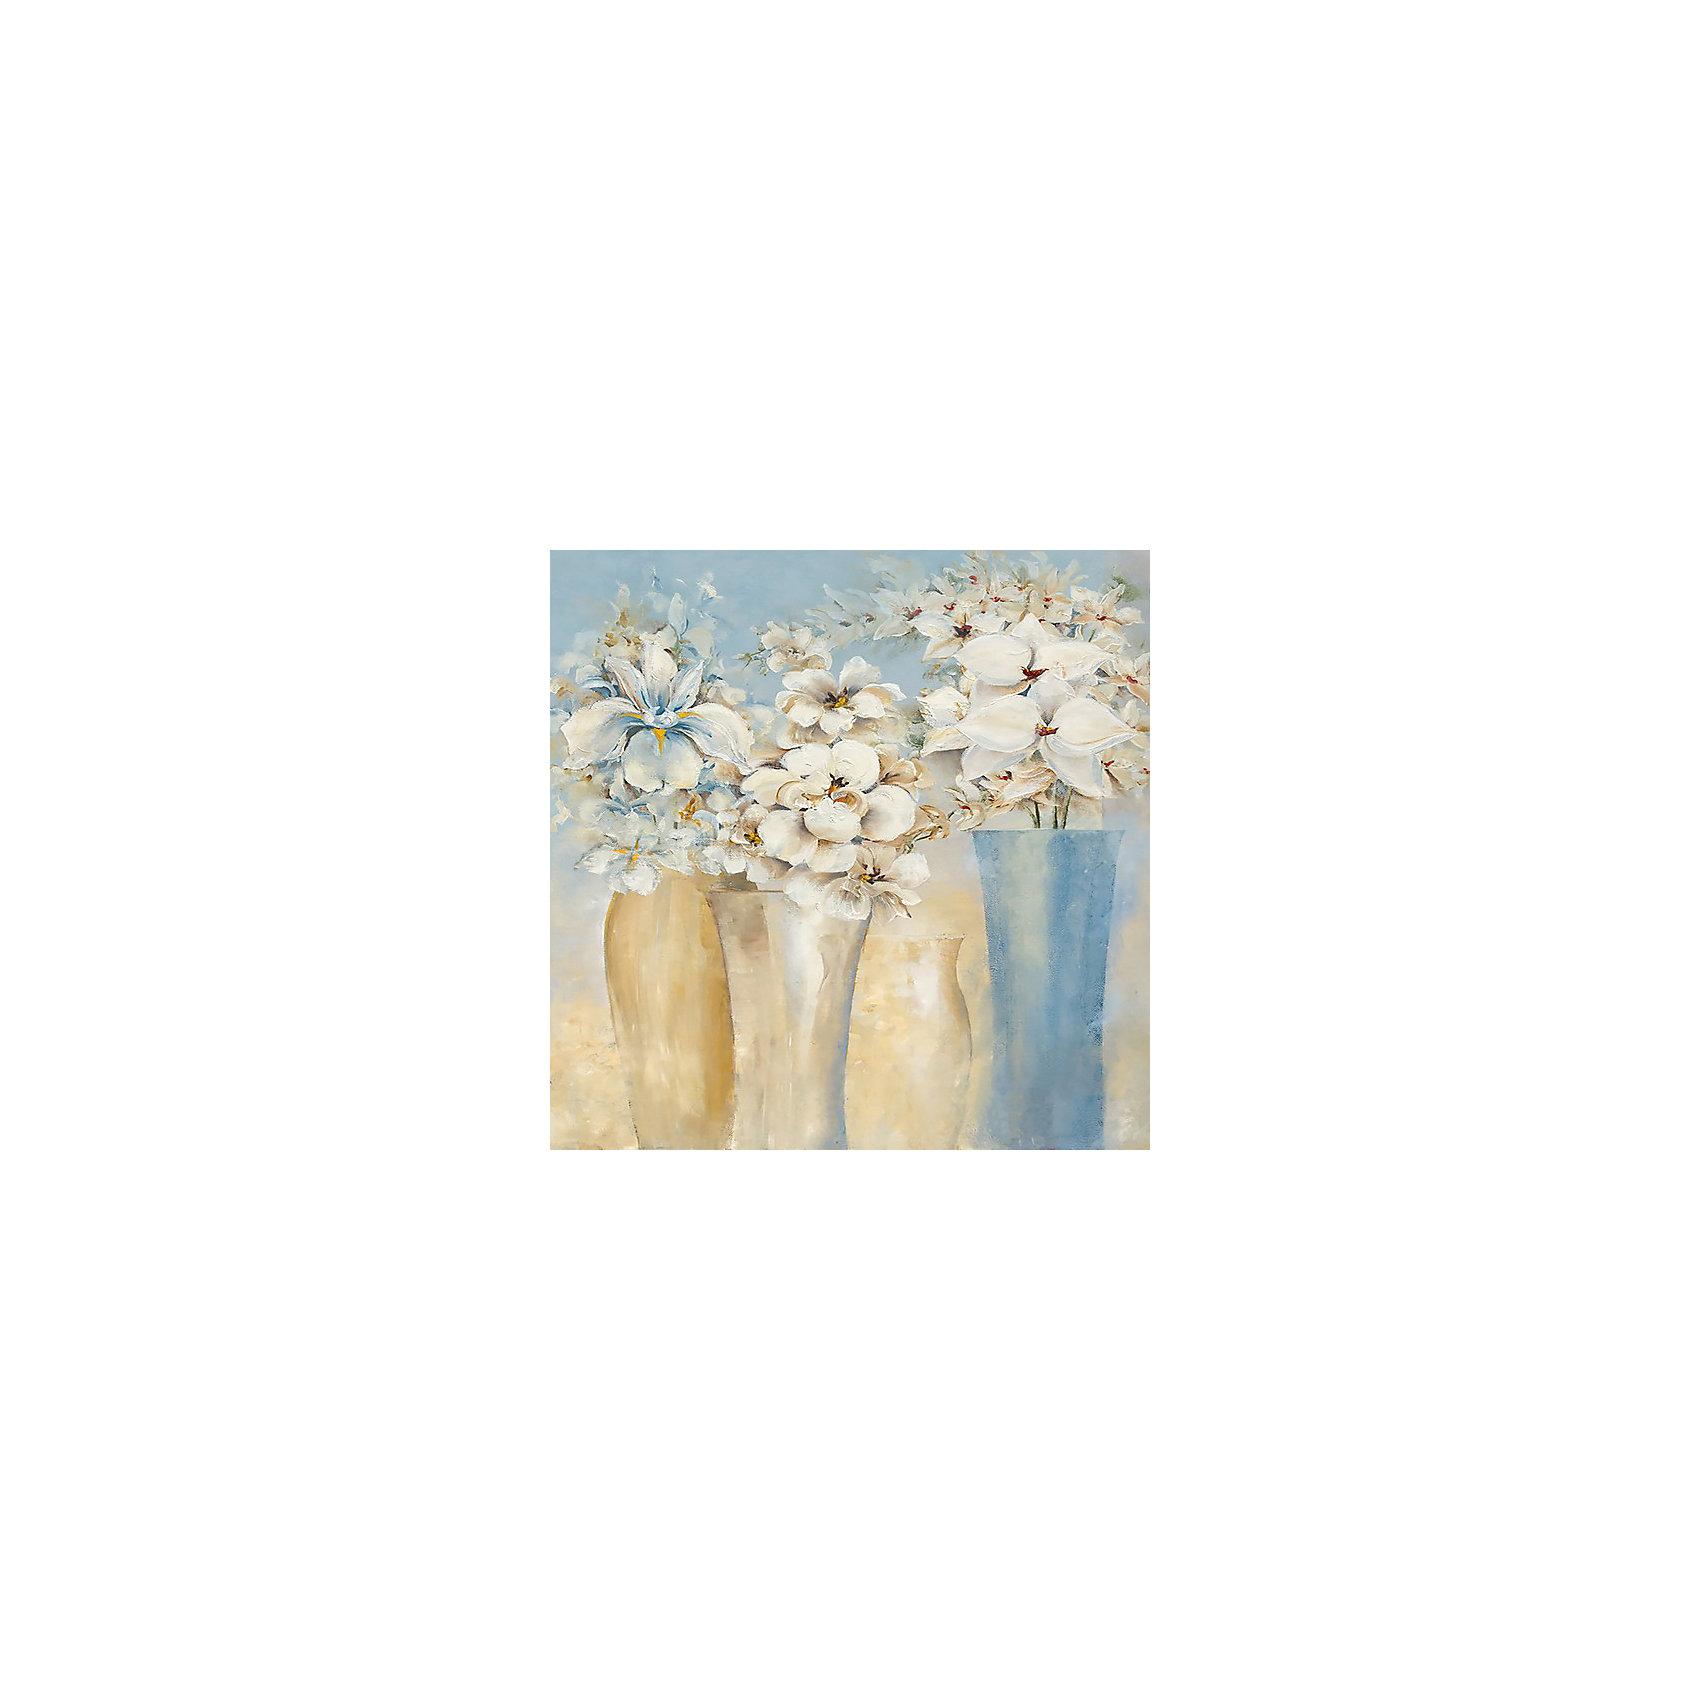 Картина - репродукция Белоснежные мечты, Феникс-ПрезентПредметы интерьера<br>Картина - репродукция Белоснежные мечты, Феникс-Презент <br><br>Характеристики:<br><br>• масляная печать на холсте<br>• дополнена ручной подрисовкой<br>• без рамки<br>• размер: 60х60х2,5 см<br><br>Картина-репродукция - прекрасный подарок для близкого человека. На картине Белоснежные мечты изображены букеты цветов. Масляная печать на холсте дополнена подрисовкой ручной работы. Размер картины - 60х60 сантиметров.<br><br>Картину - репродукцию Белоснежные цветы, Феникс-Презент можно купить в нашем интернет-магазине.<br><br>Ширина мм: 600<br>Глубина мм: 600<br>Высота мм: 250<br>Вес г: 455<br>Возраст от месяцев: -2147483648<br>Возраст до месяцев: 2147483647<br>Пол: Унисекс<br>Возраст: Детский<br>SKU: 5449548